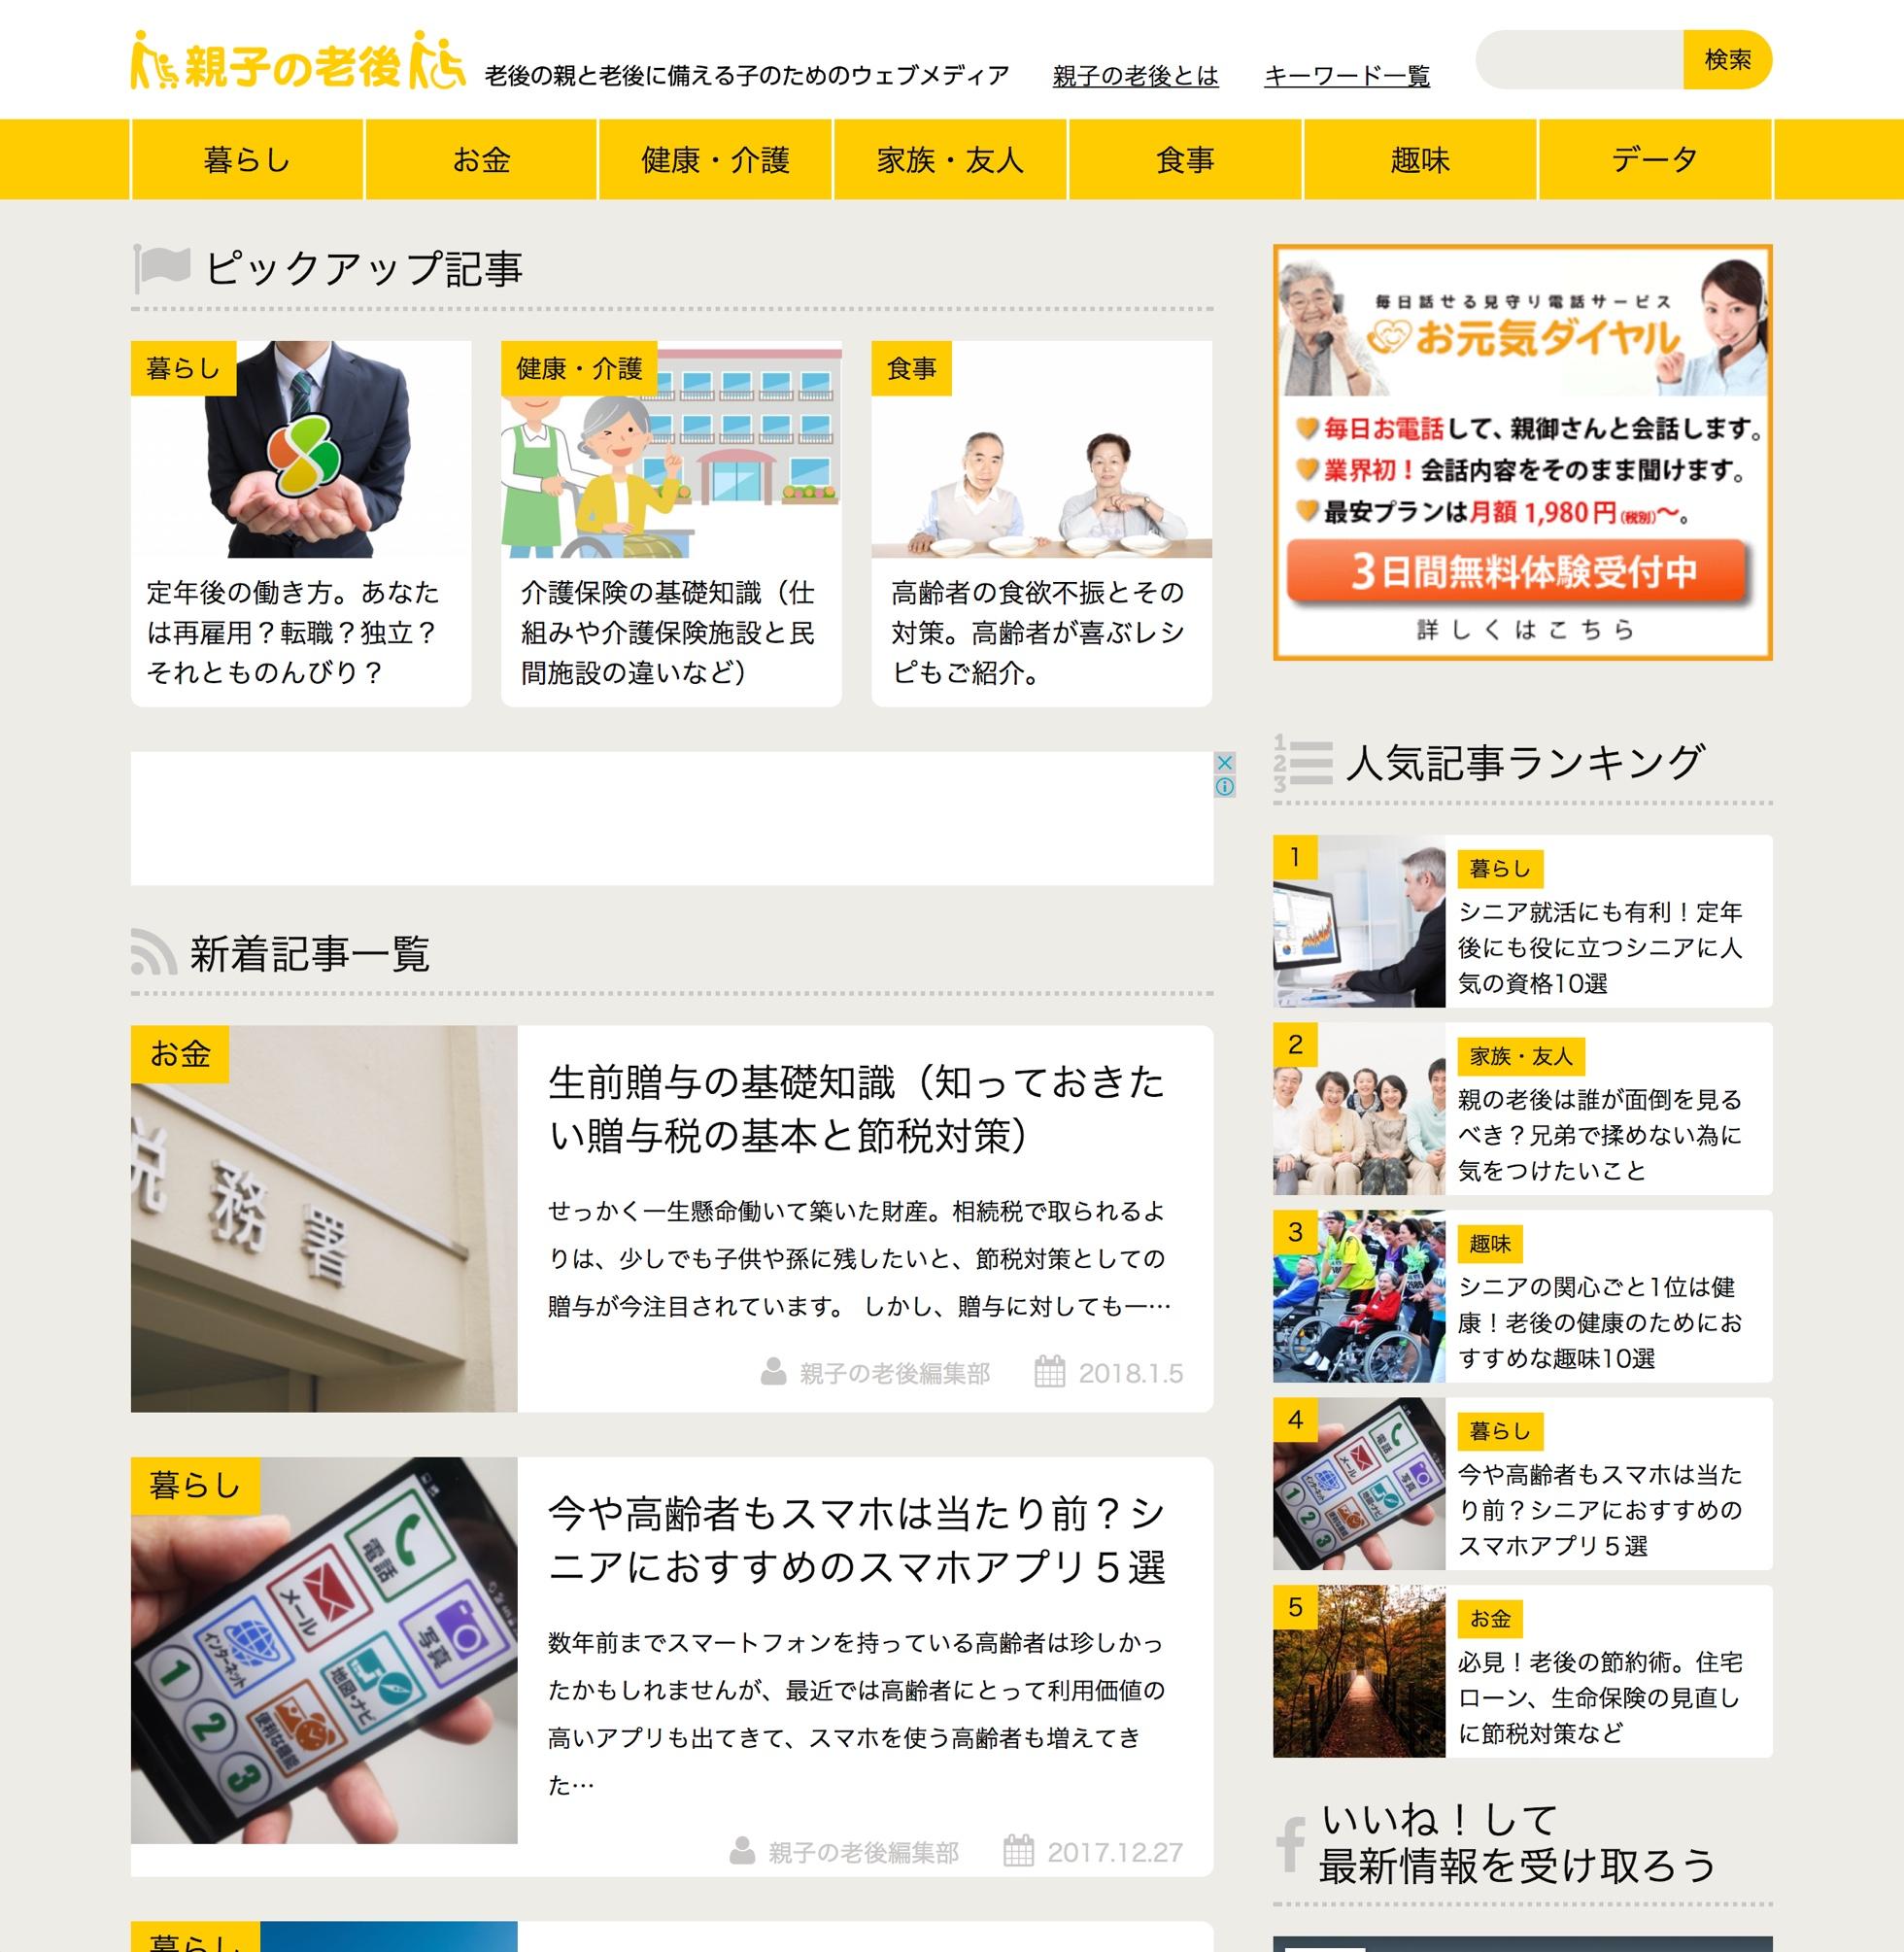 親子の老後のPC版トップページのスクリーンショット